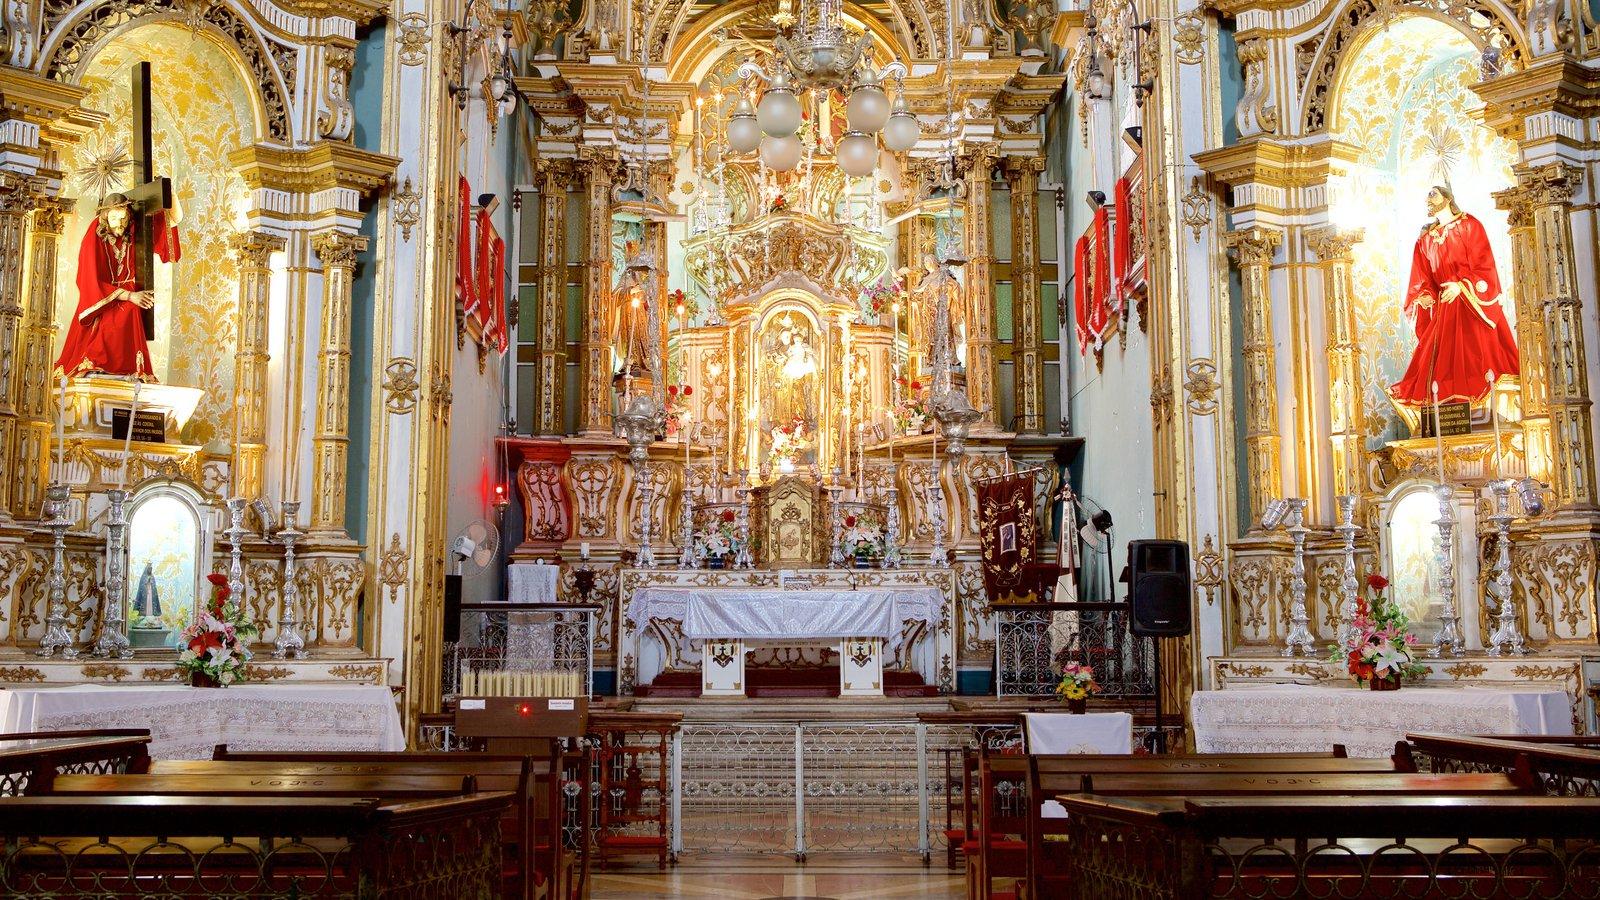 Igreja e Convento de São Francisco de Salvador caracterizando elementos religiosos, vistas internas e uma igreja ou catedral